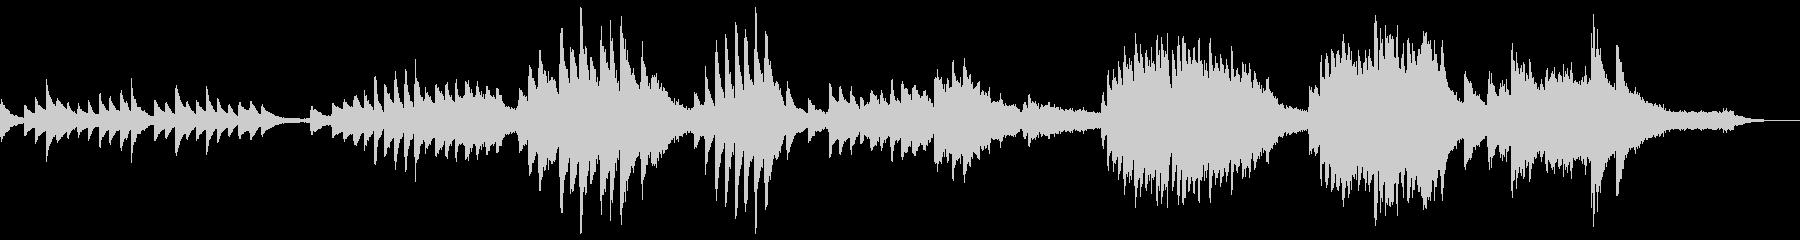 凛とした和風曲1(B)-ピアノソロ の未再生の波形